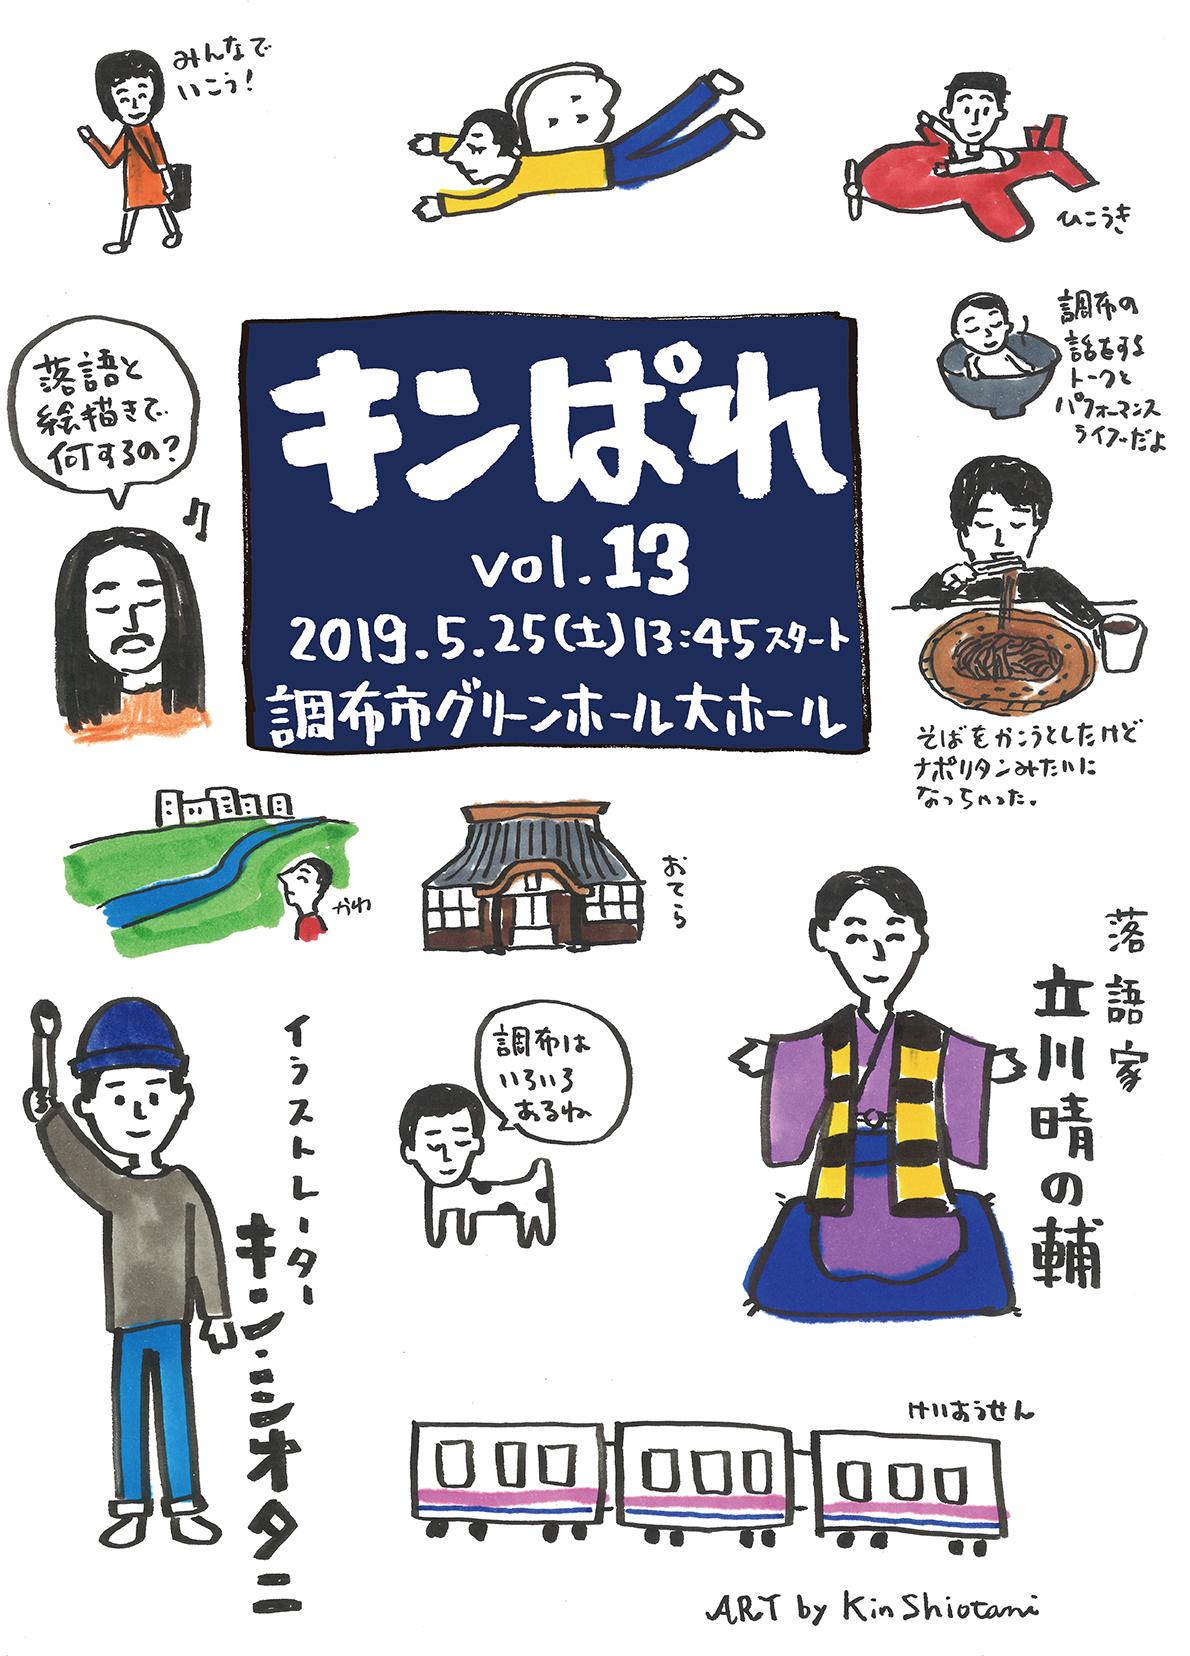 キンぱれ vol.13~落語と絵描きで何するの?~ in 調布市グリーンホール大ホール